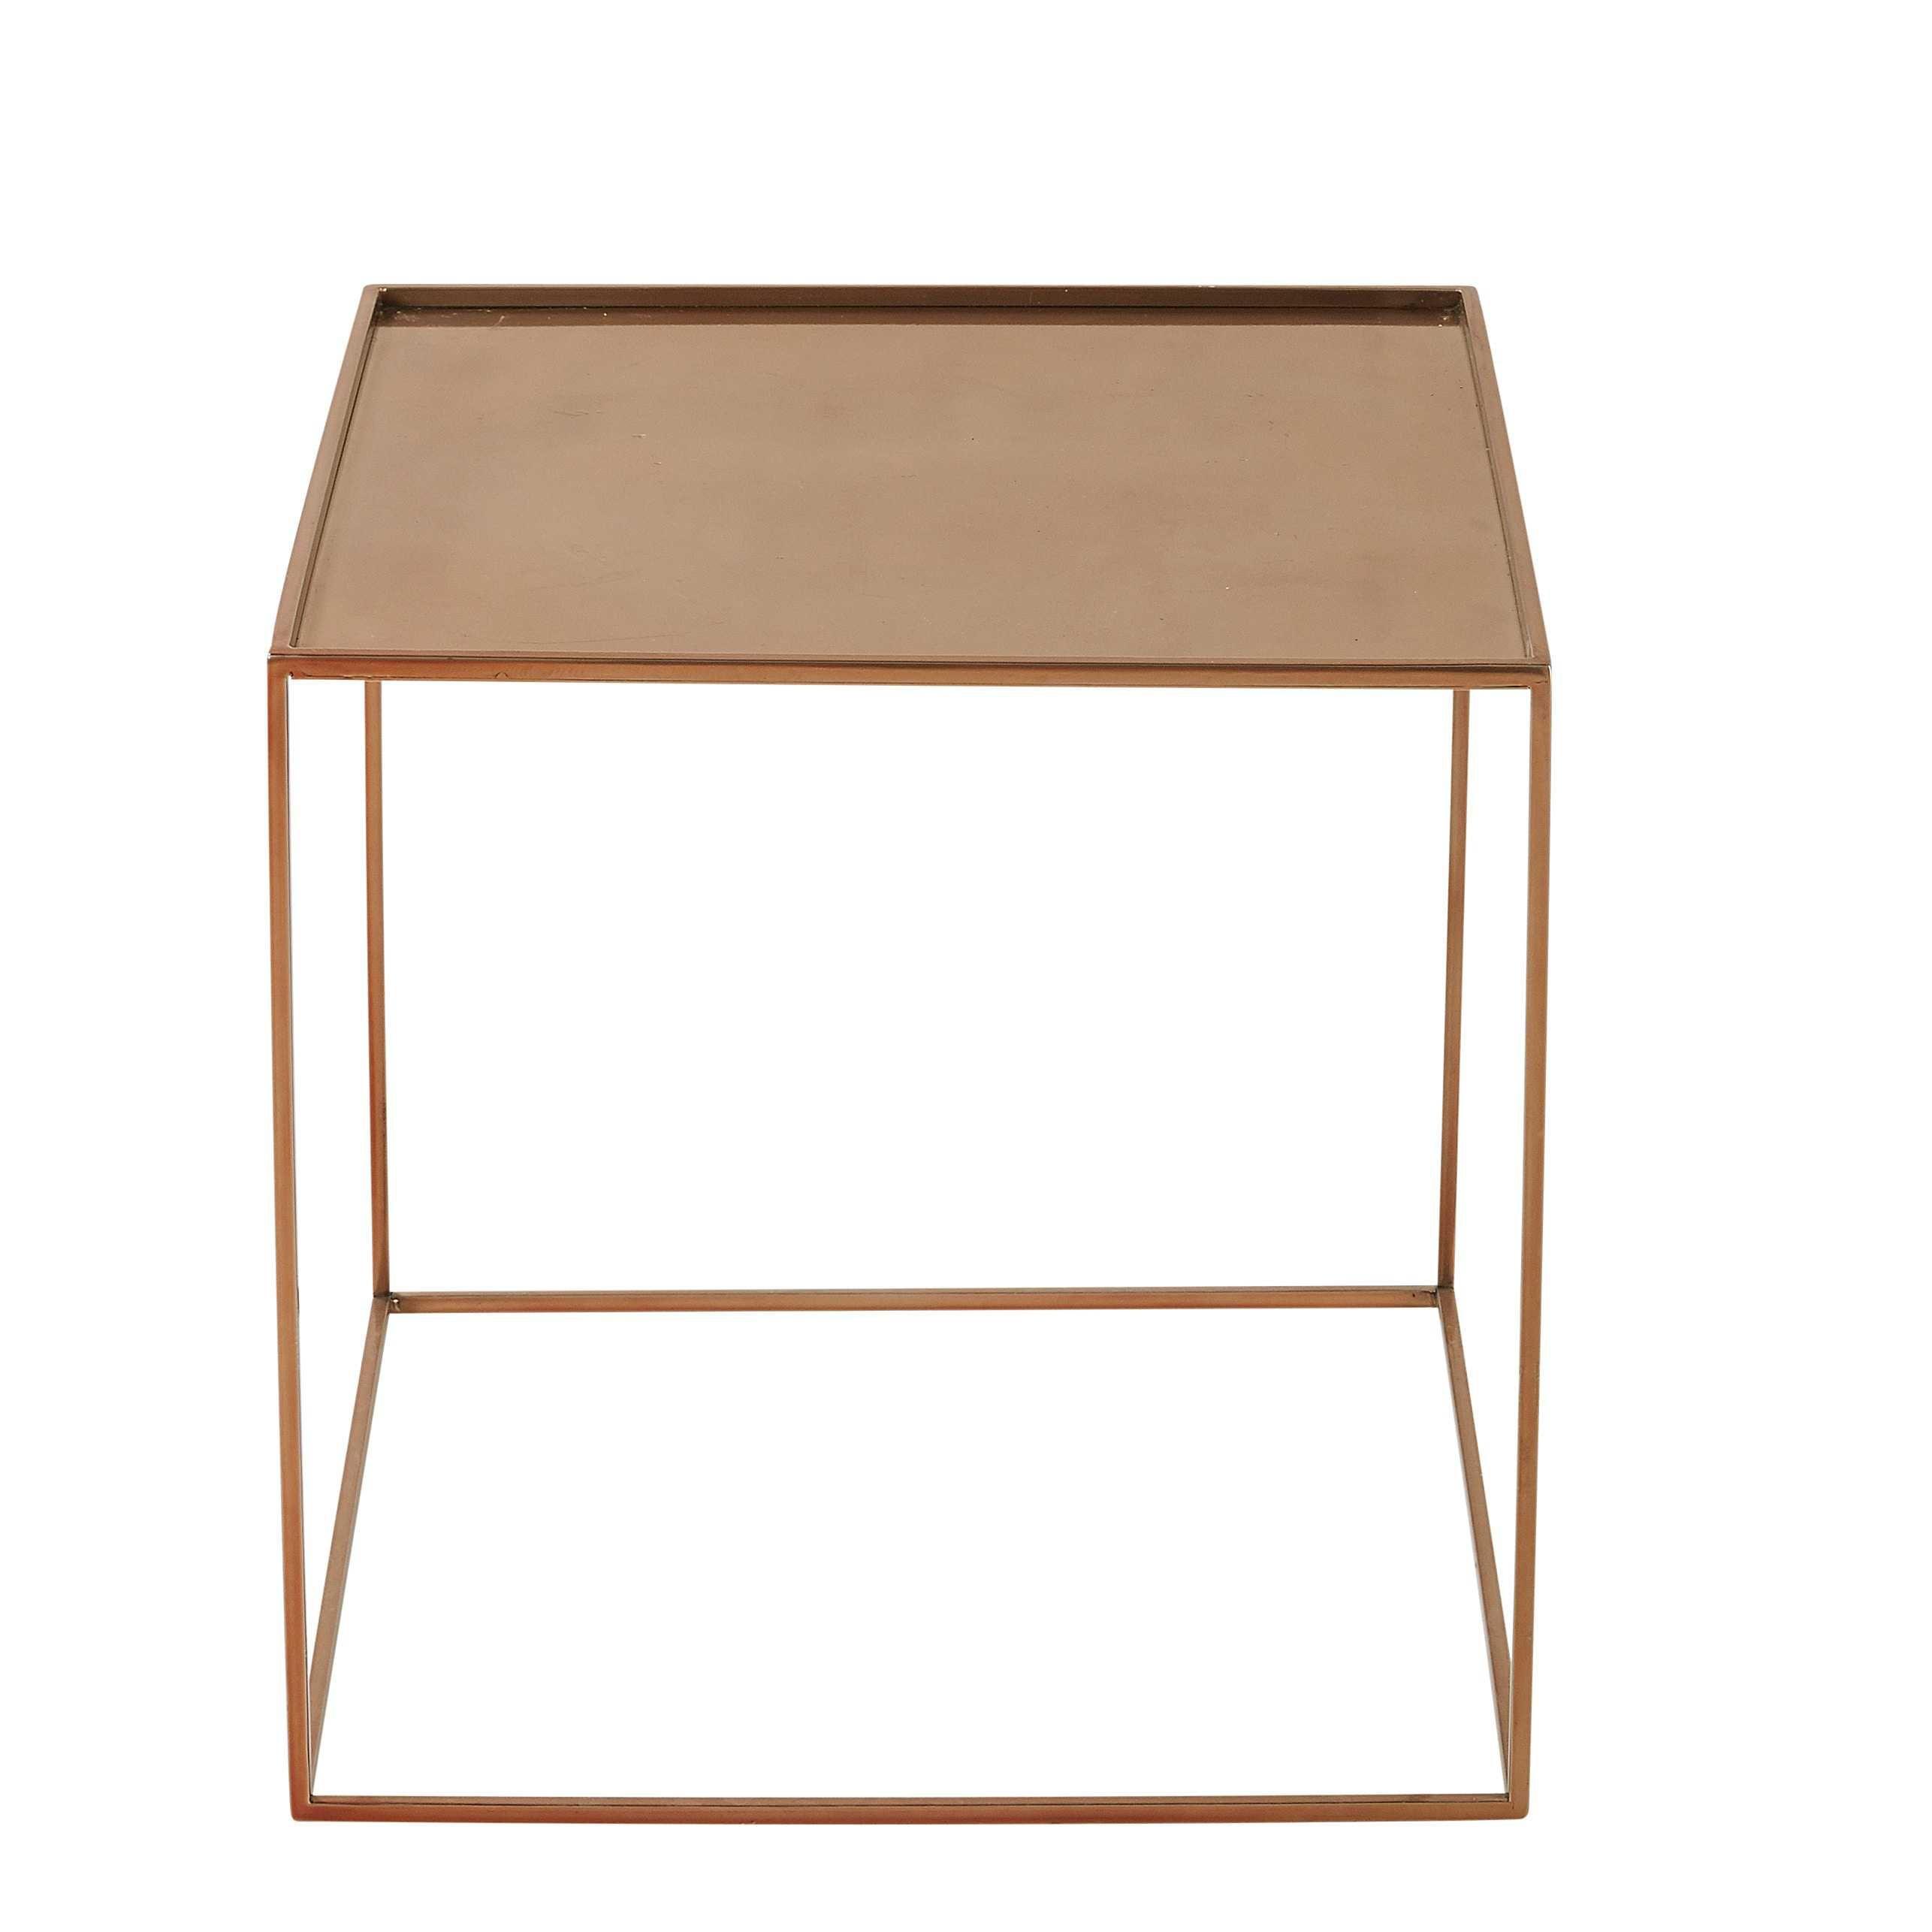 Table chevet maison du monde table de chevet with table chevet maison du monde top nightstand - Maison du monde table andersen ...